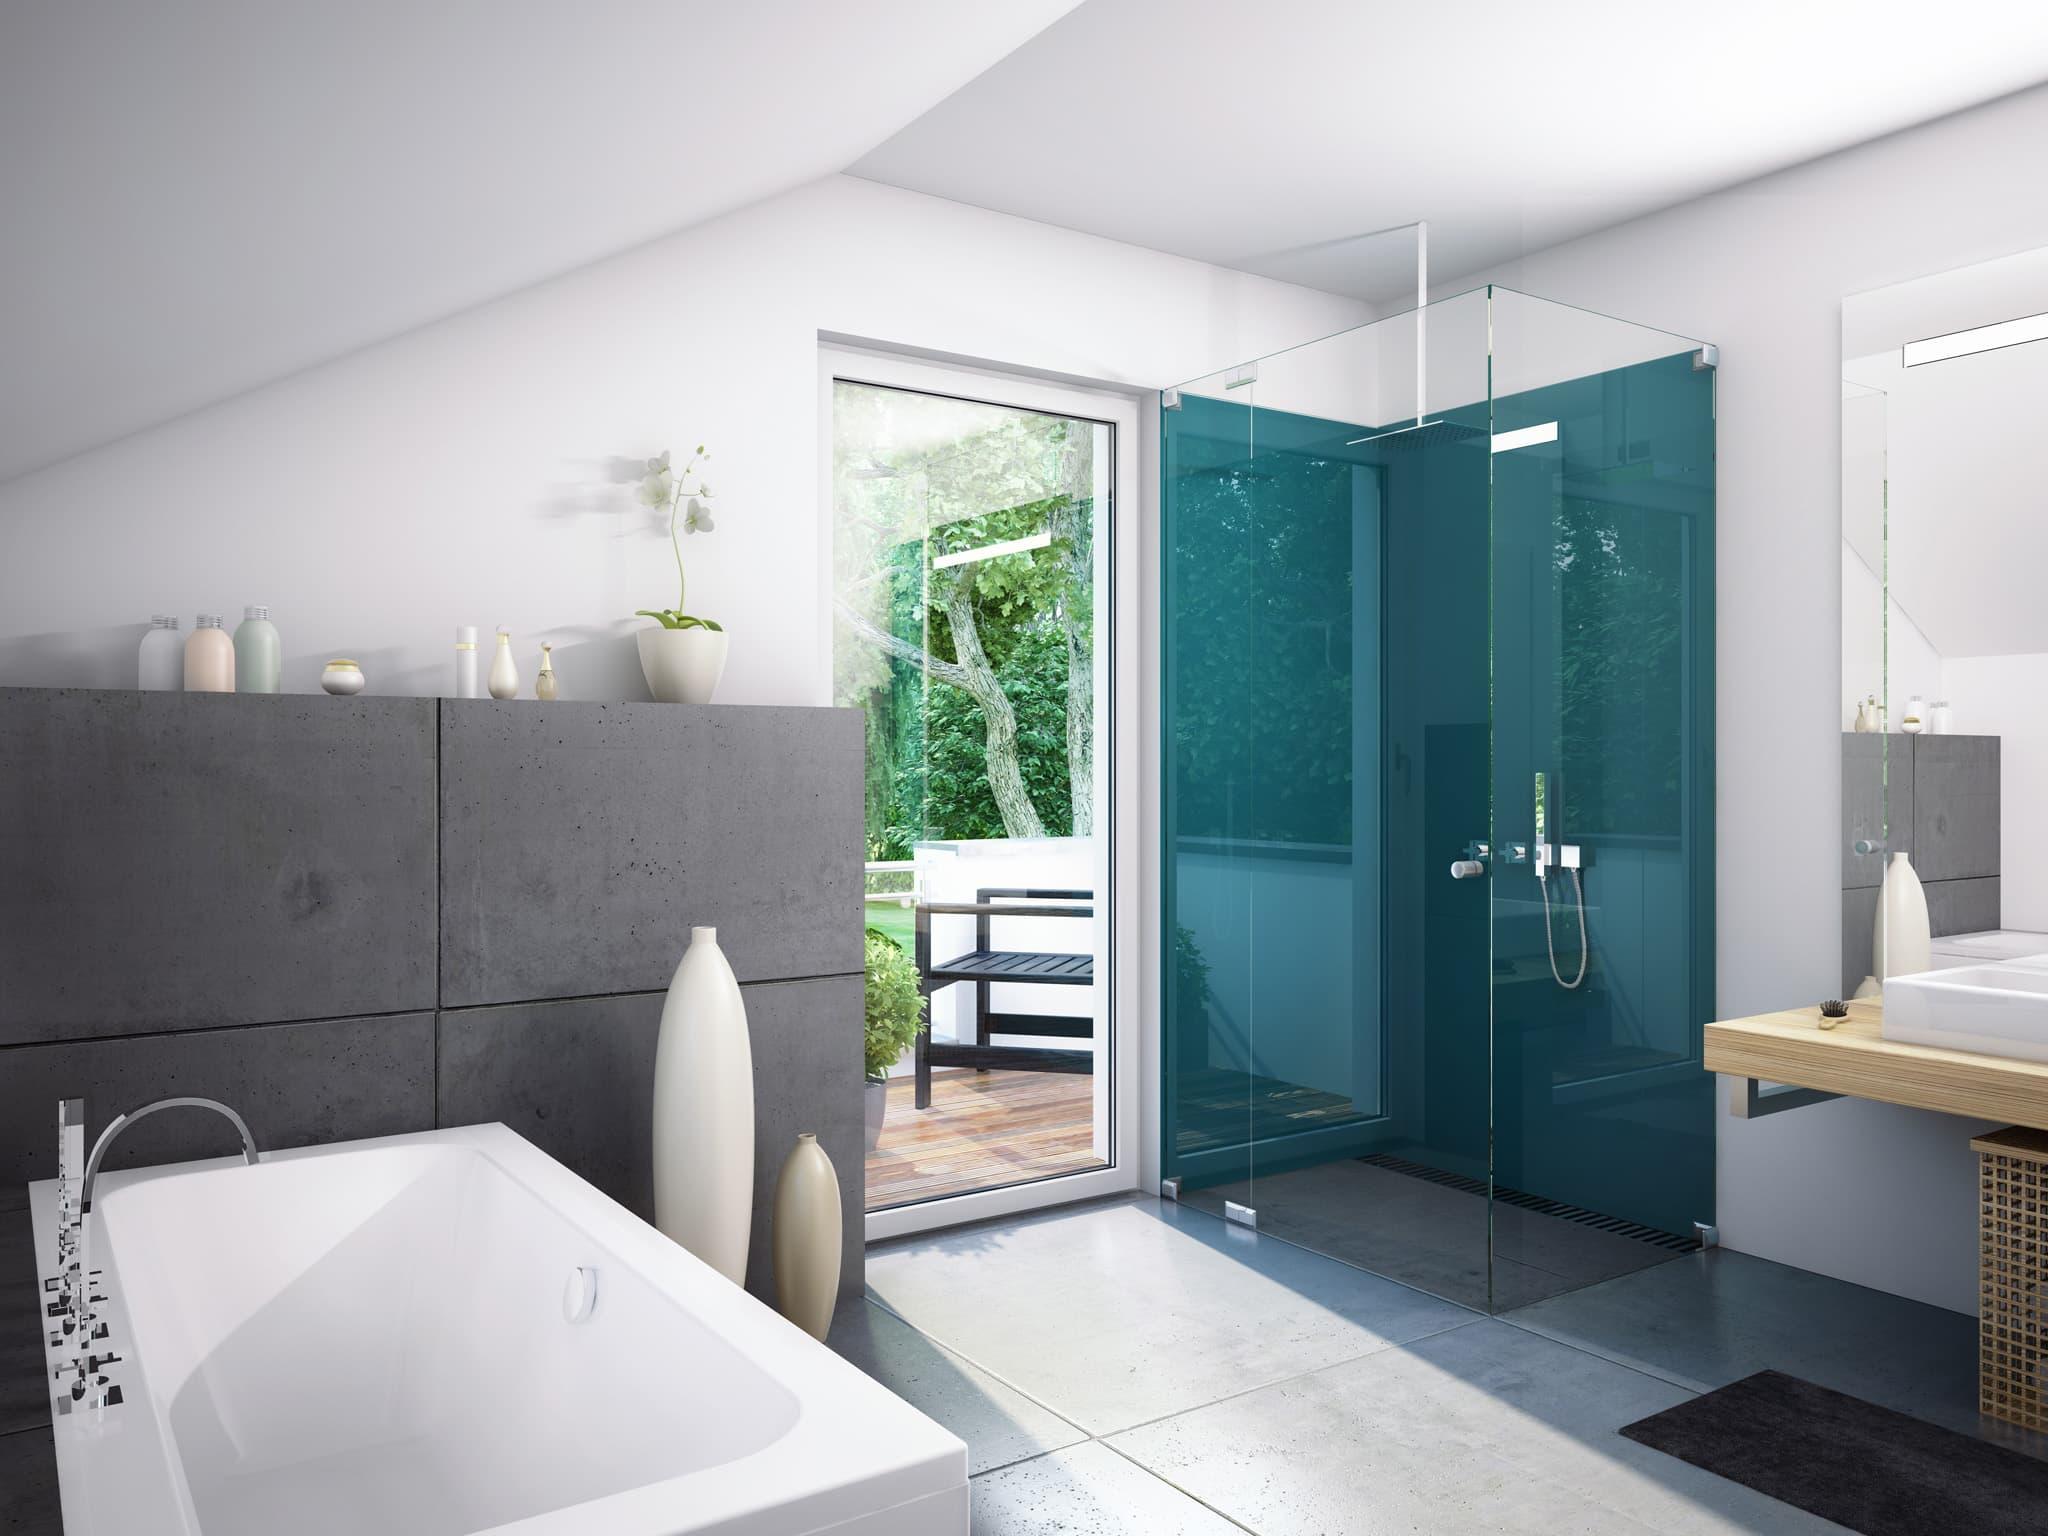 Badezimmer Einrichtung modern, ebenerdige Dusche & Badewanne unter Dachschräge - Wohnideen Inneneinrichtung Haus Bien Zenker Fertighaus EVOLUTION 134 V7 - HausbauDirekt.de